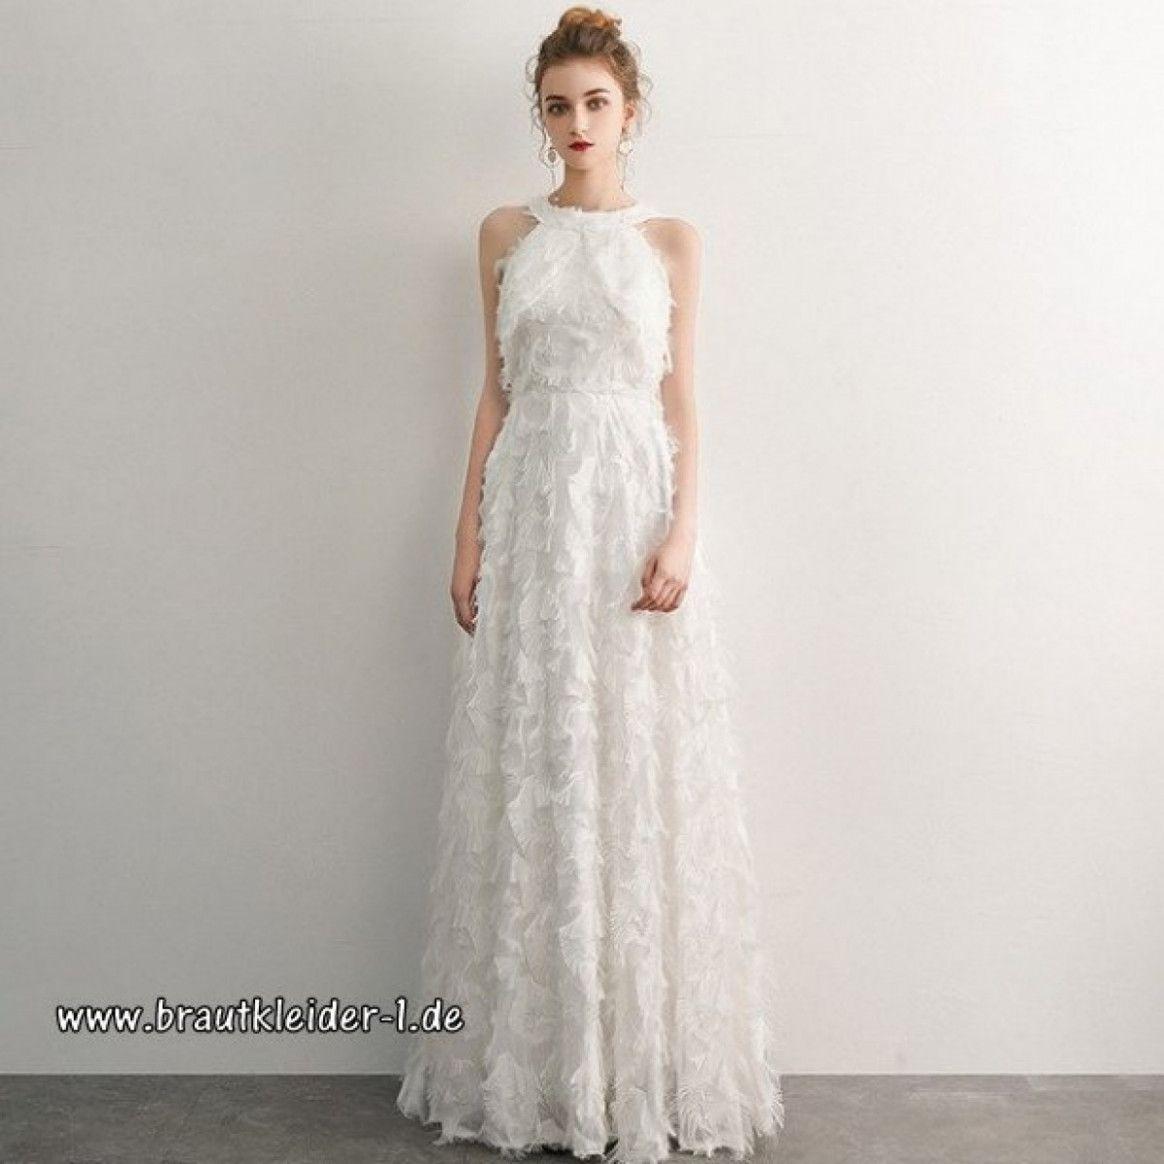 12 Kleid Weiß Lang   Gelinlik, The dress, Nedime giysileri